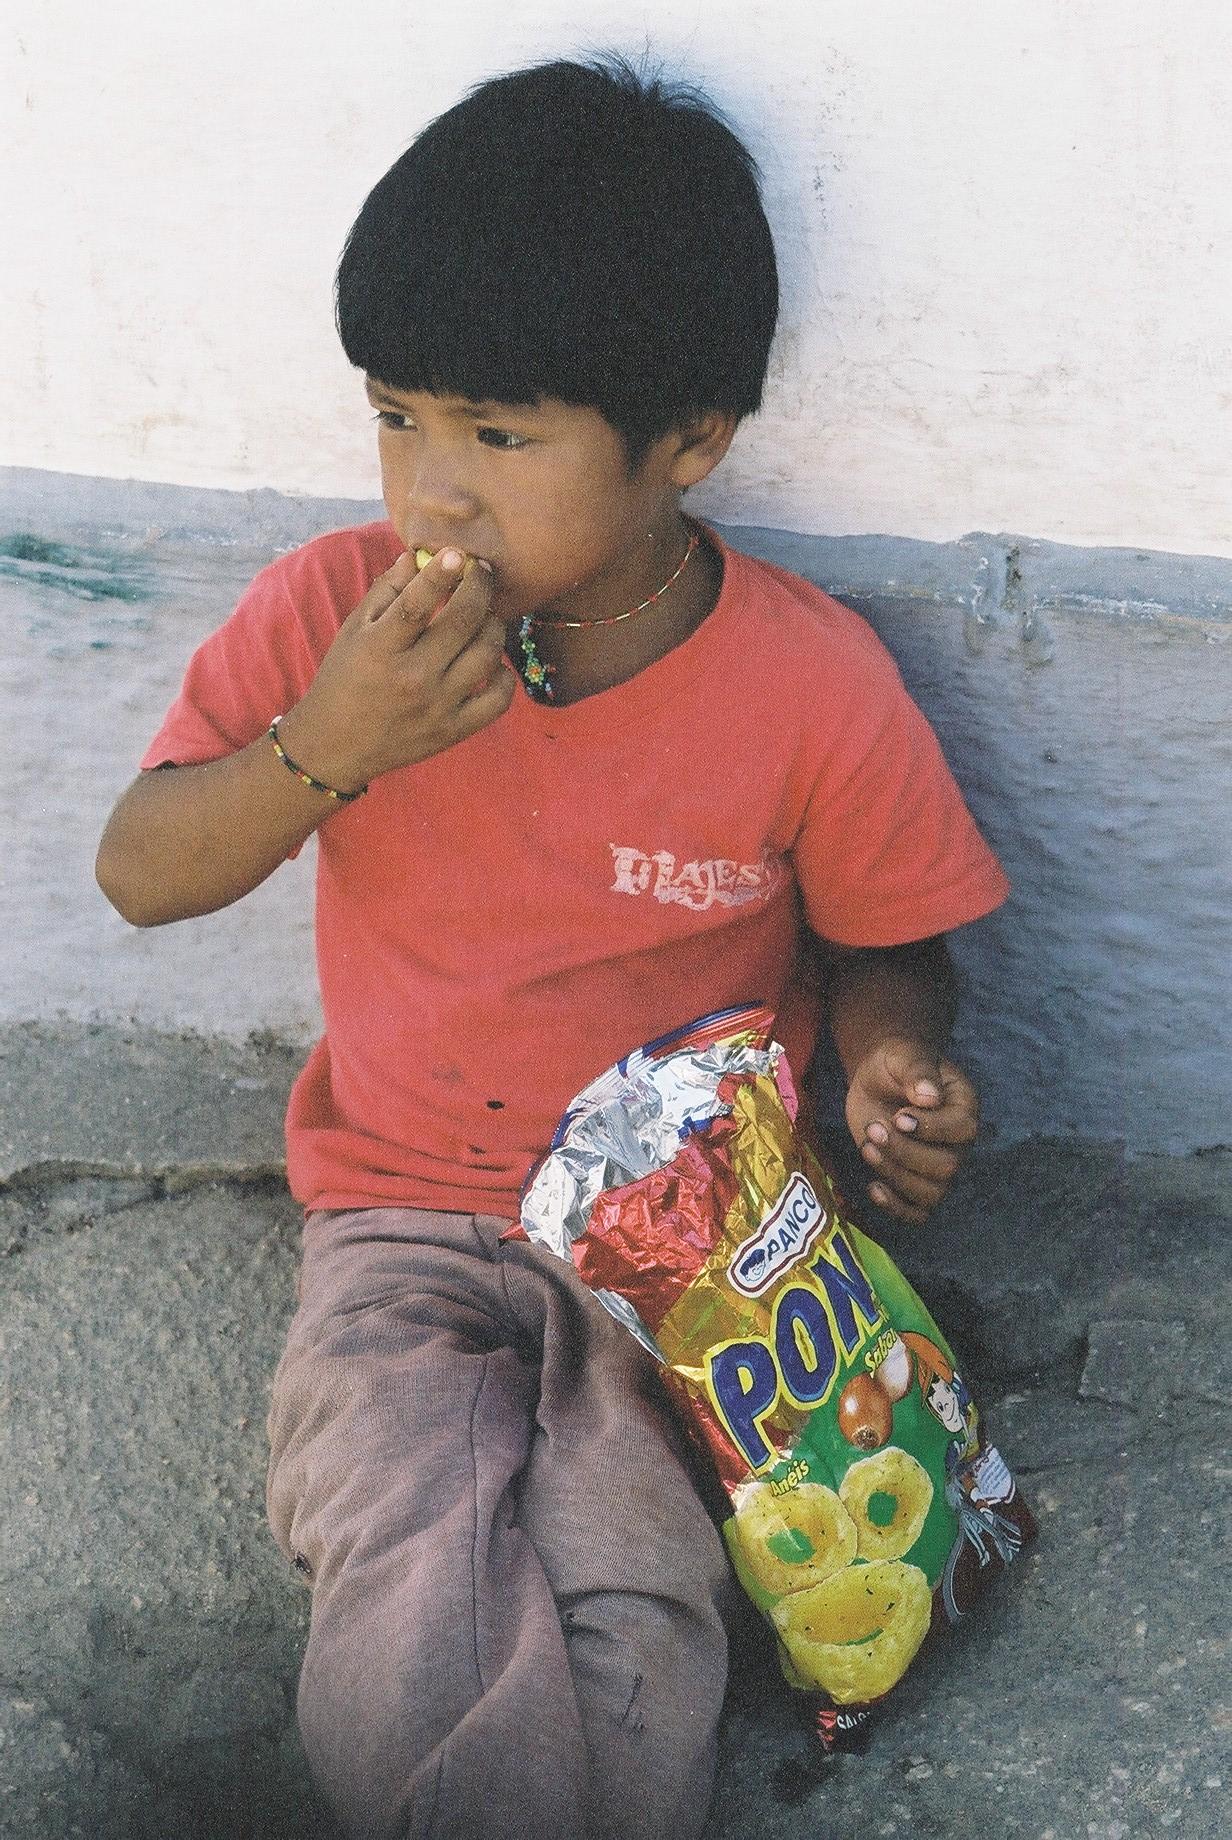 Boy Eating Chips, Parati.JPG